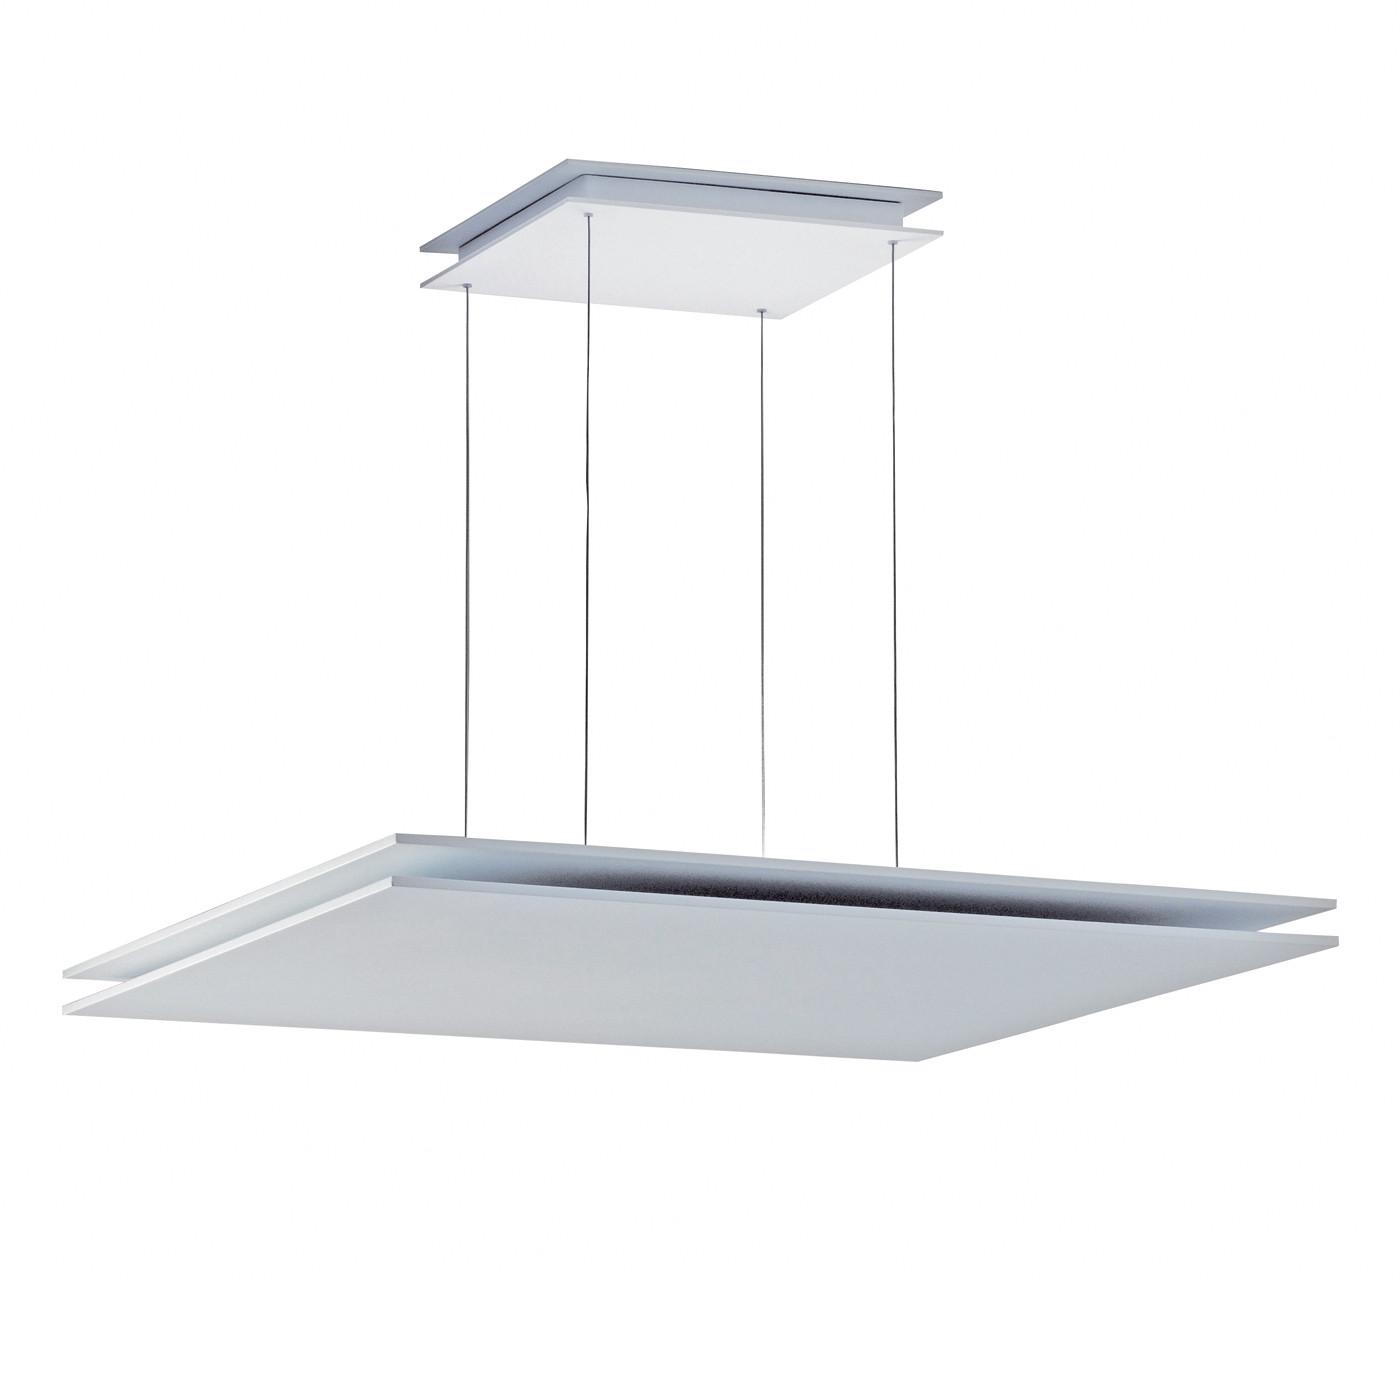 Lumini Quadratta LED